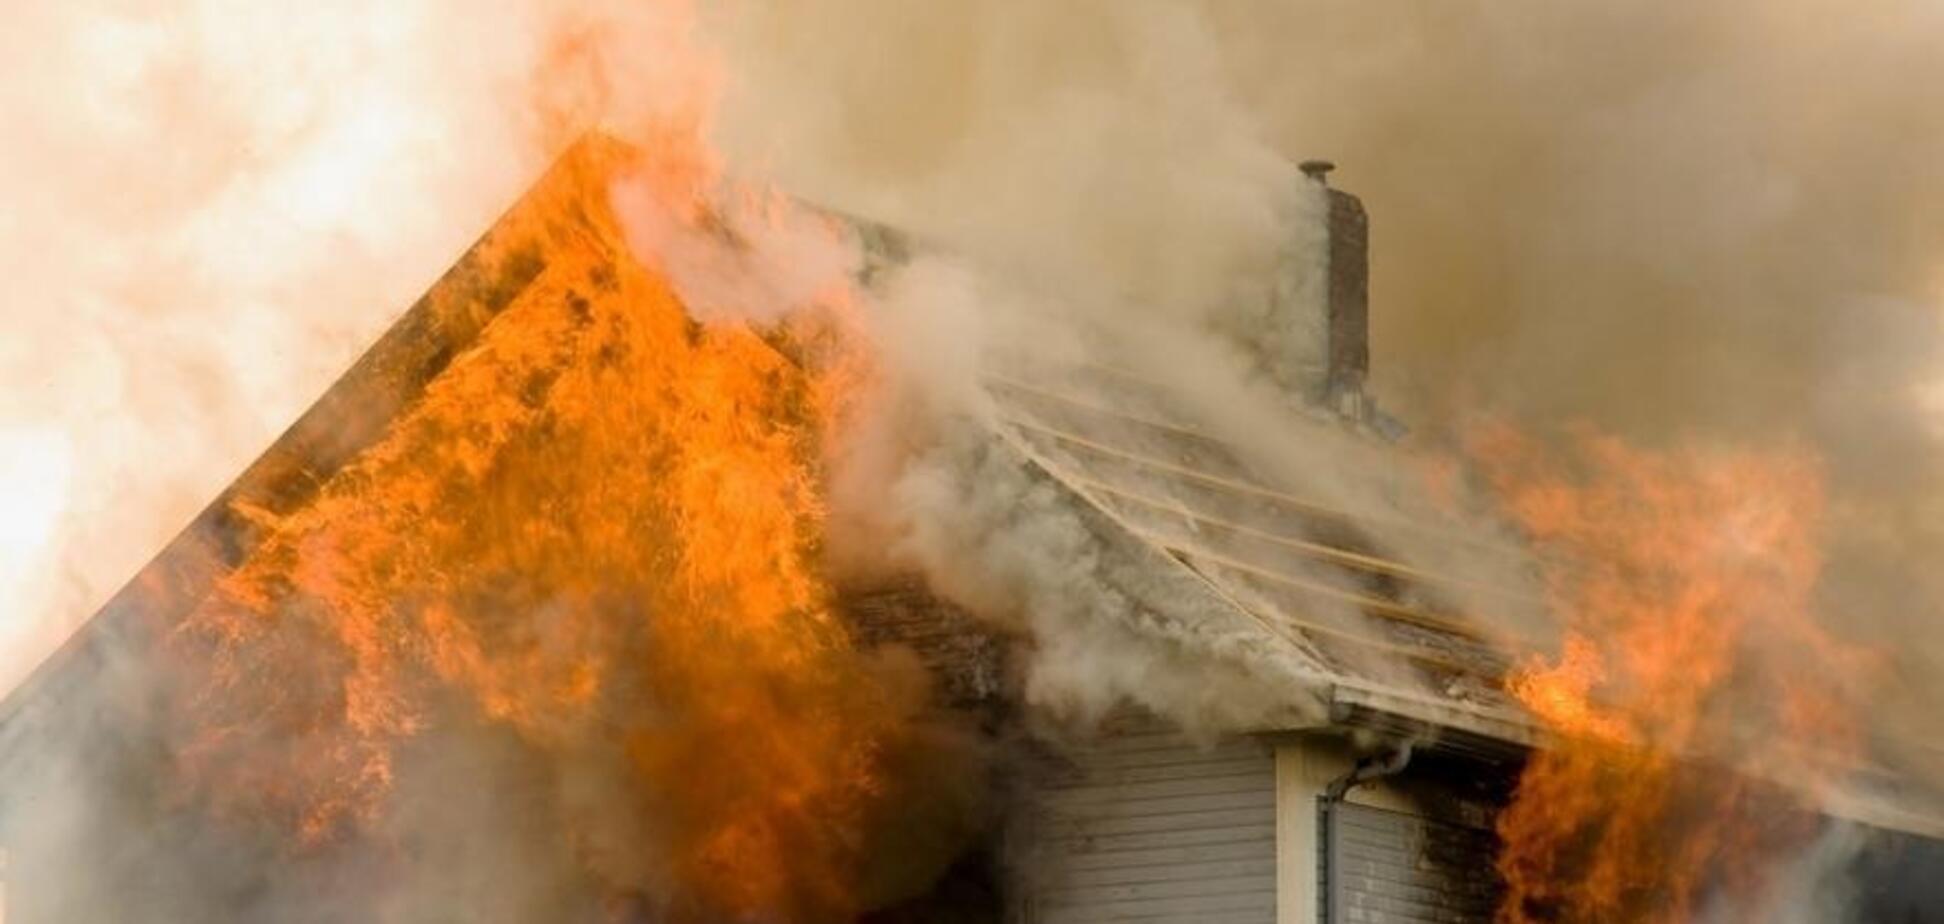 У Дніпрі спалахнув будинок: у постраждалого сильні опіки